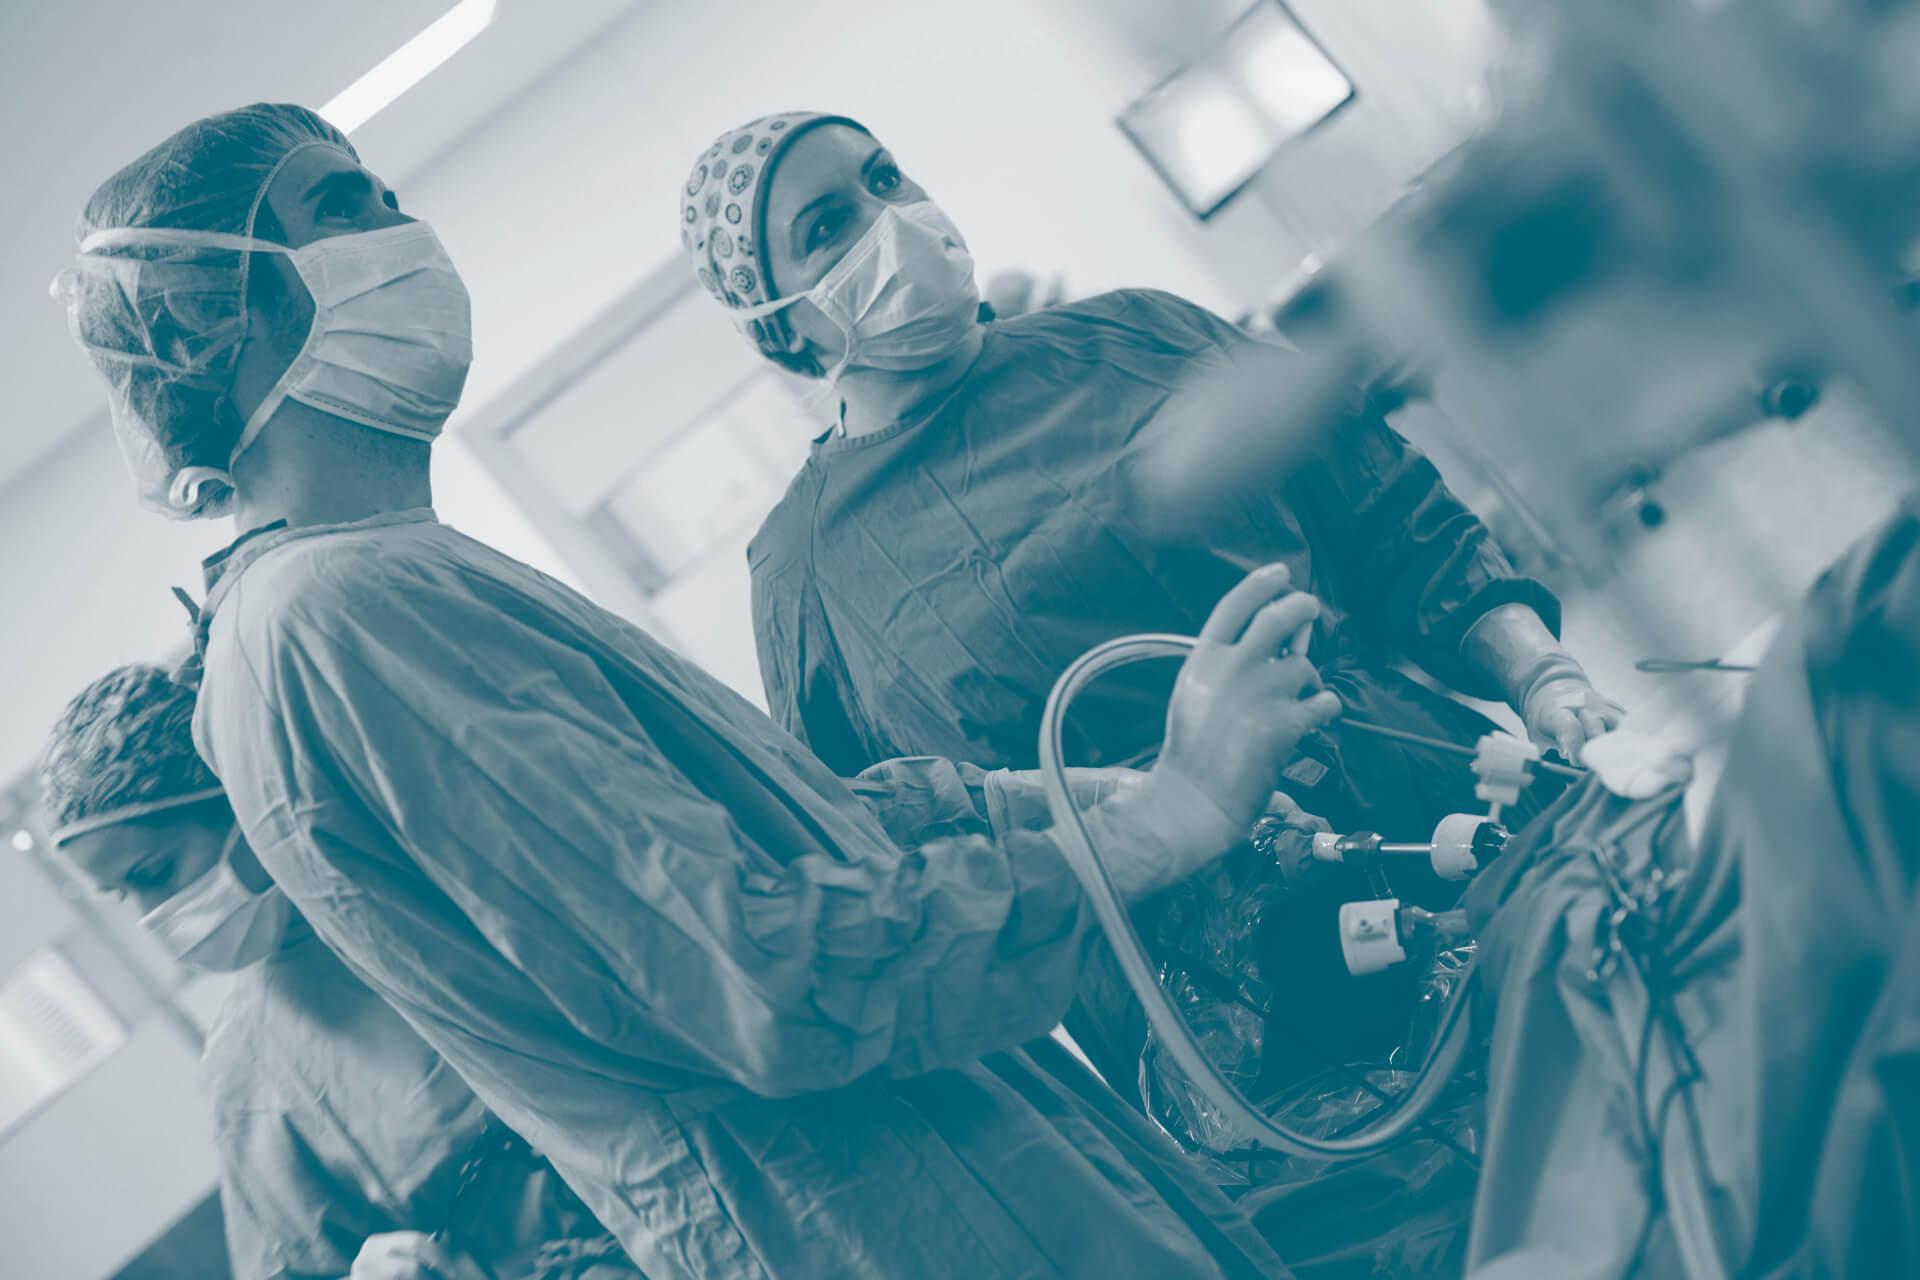 Cimov - Cirugía de la Obesidad - Laparoscopia avanzada